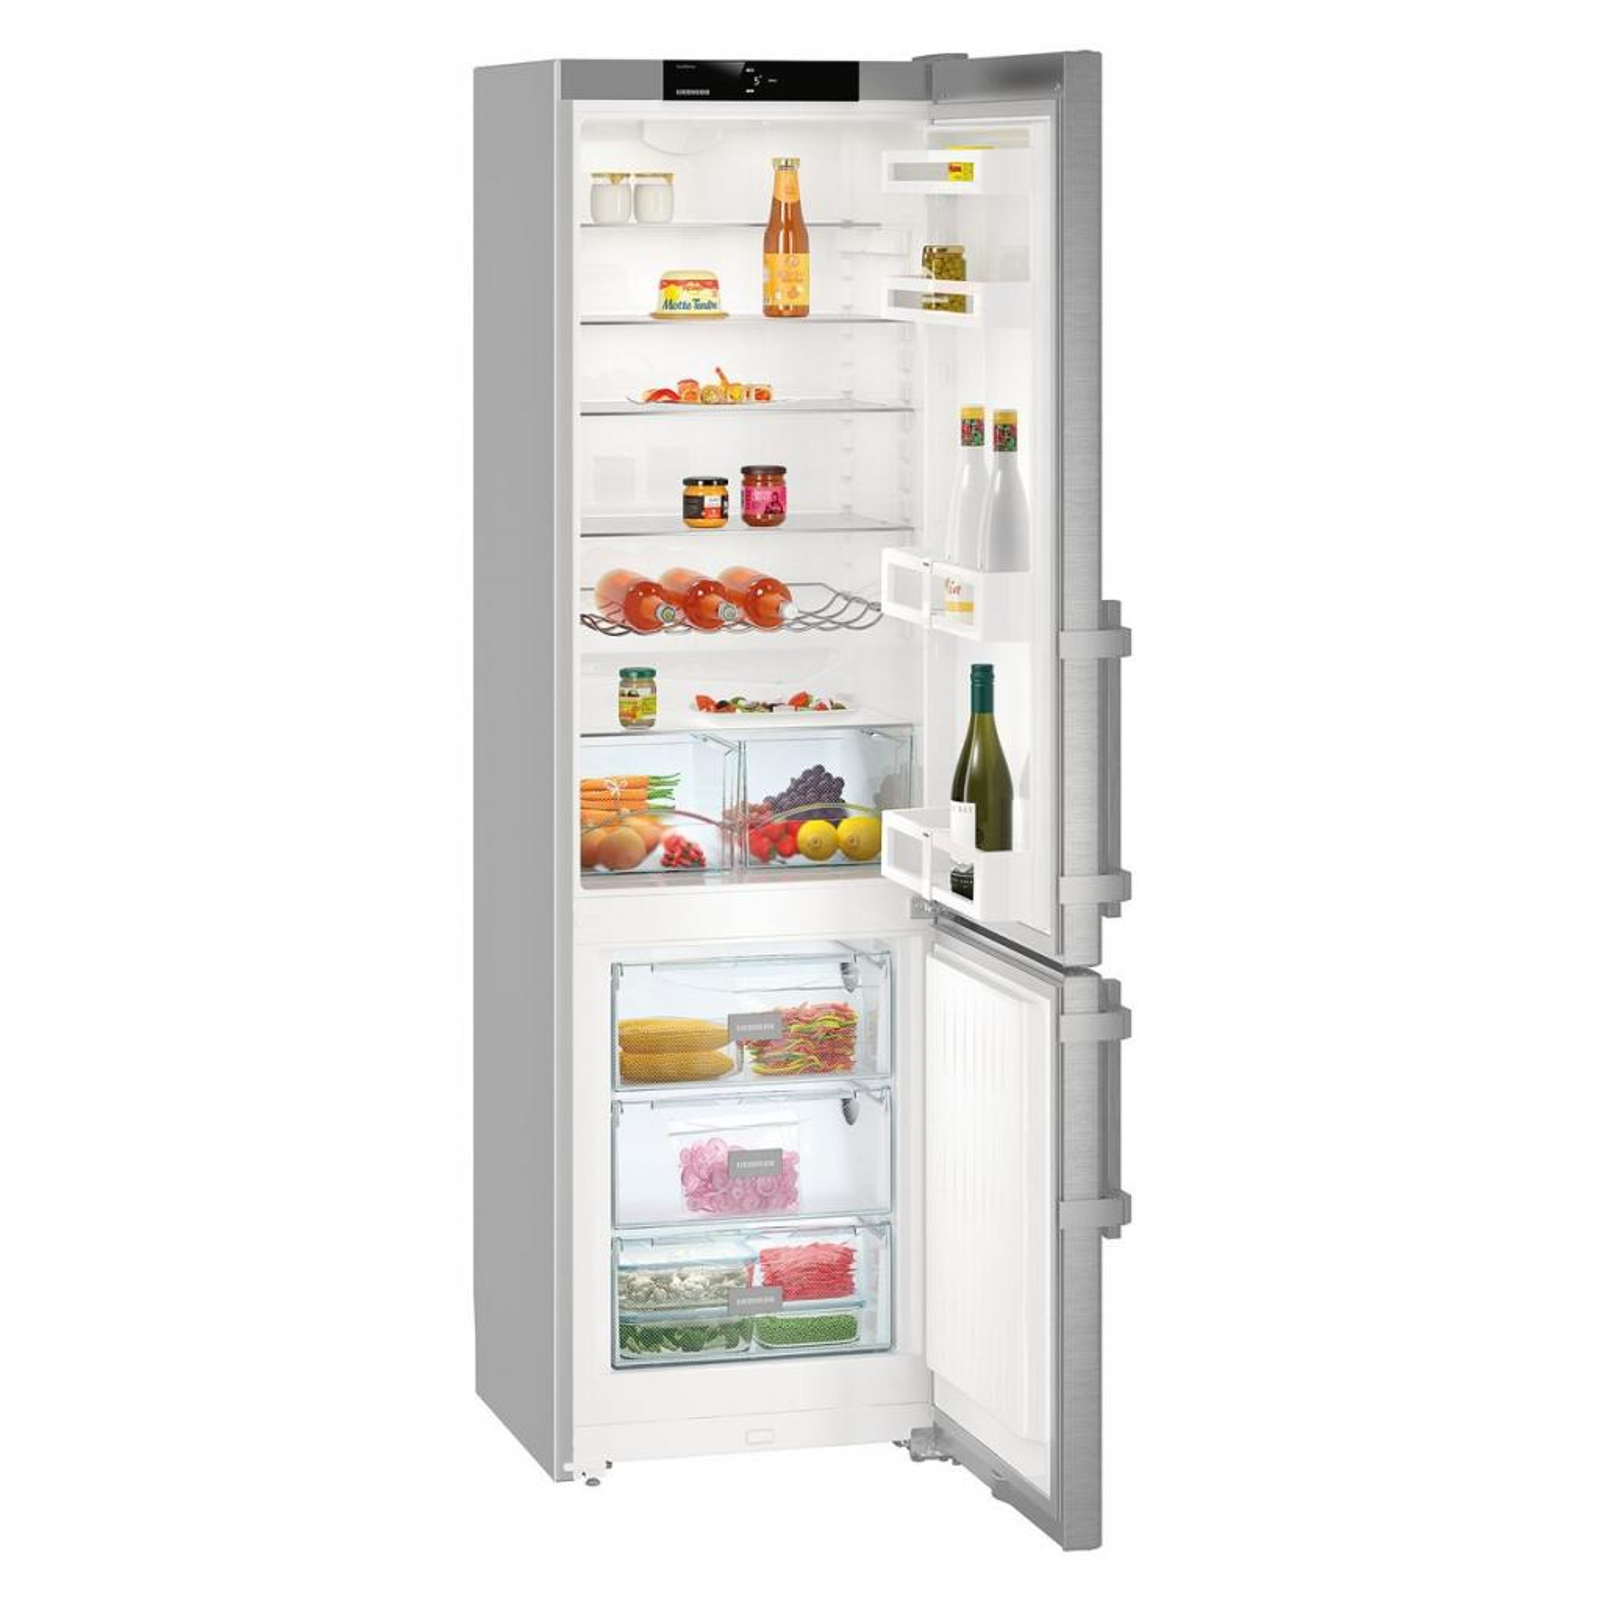 Холодильник Liebherr CUef 4015 изображение 5